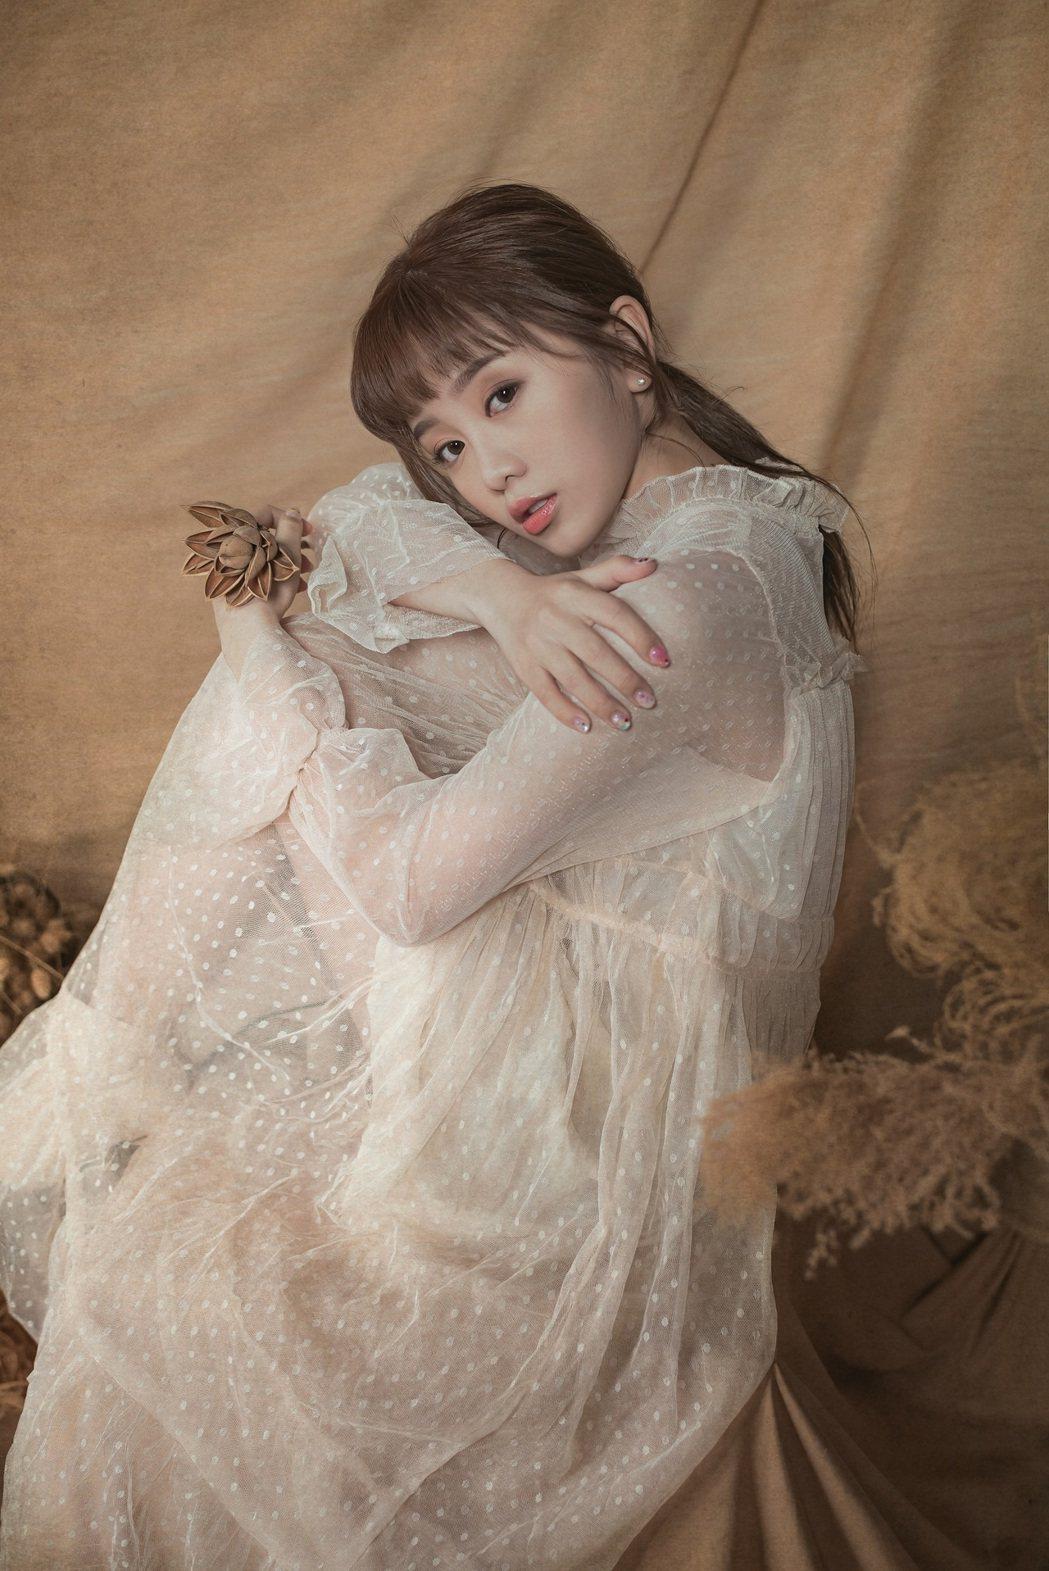 李若潼外型酷似日本女星堀北真希。圖/杰思國際娛樂提供